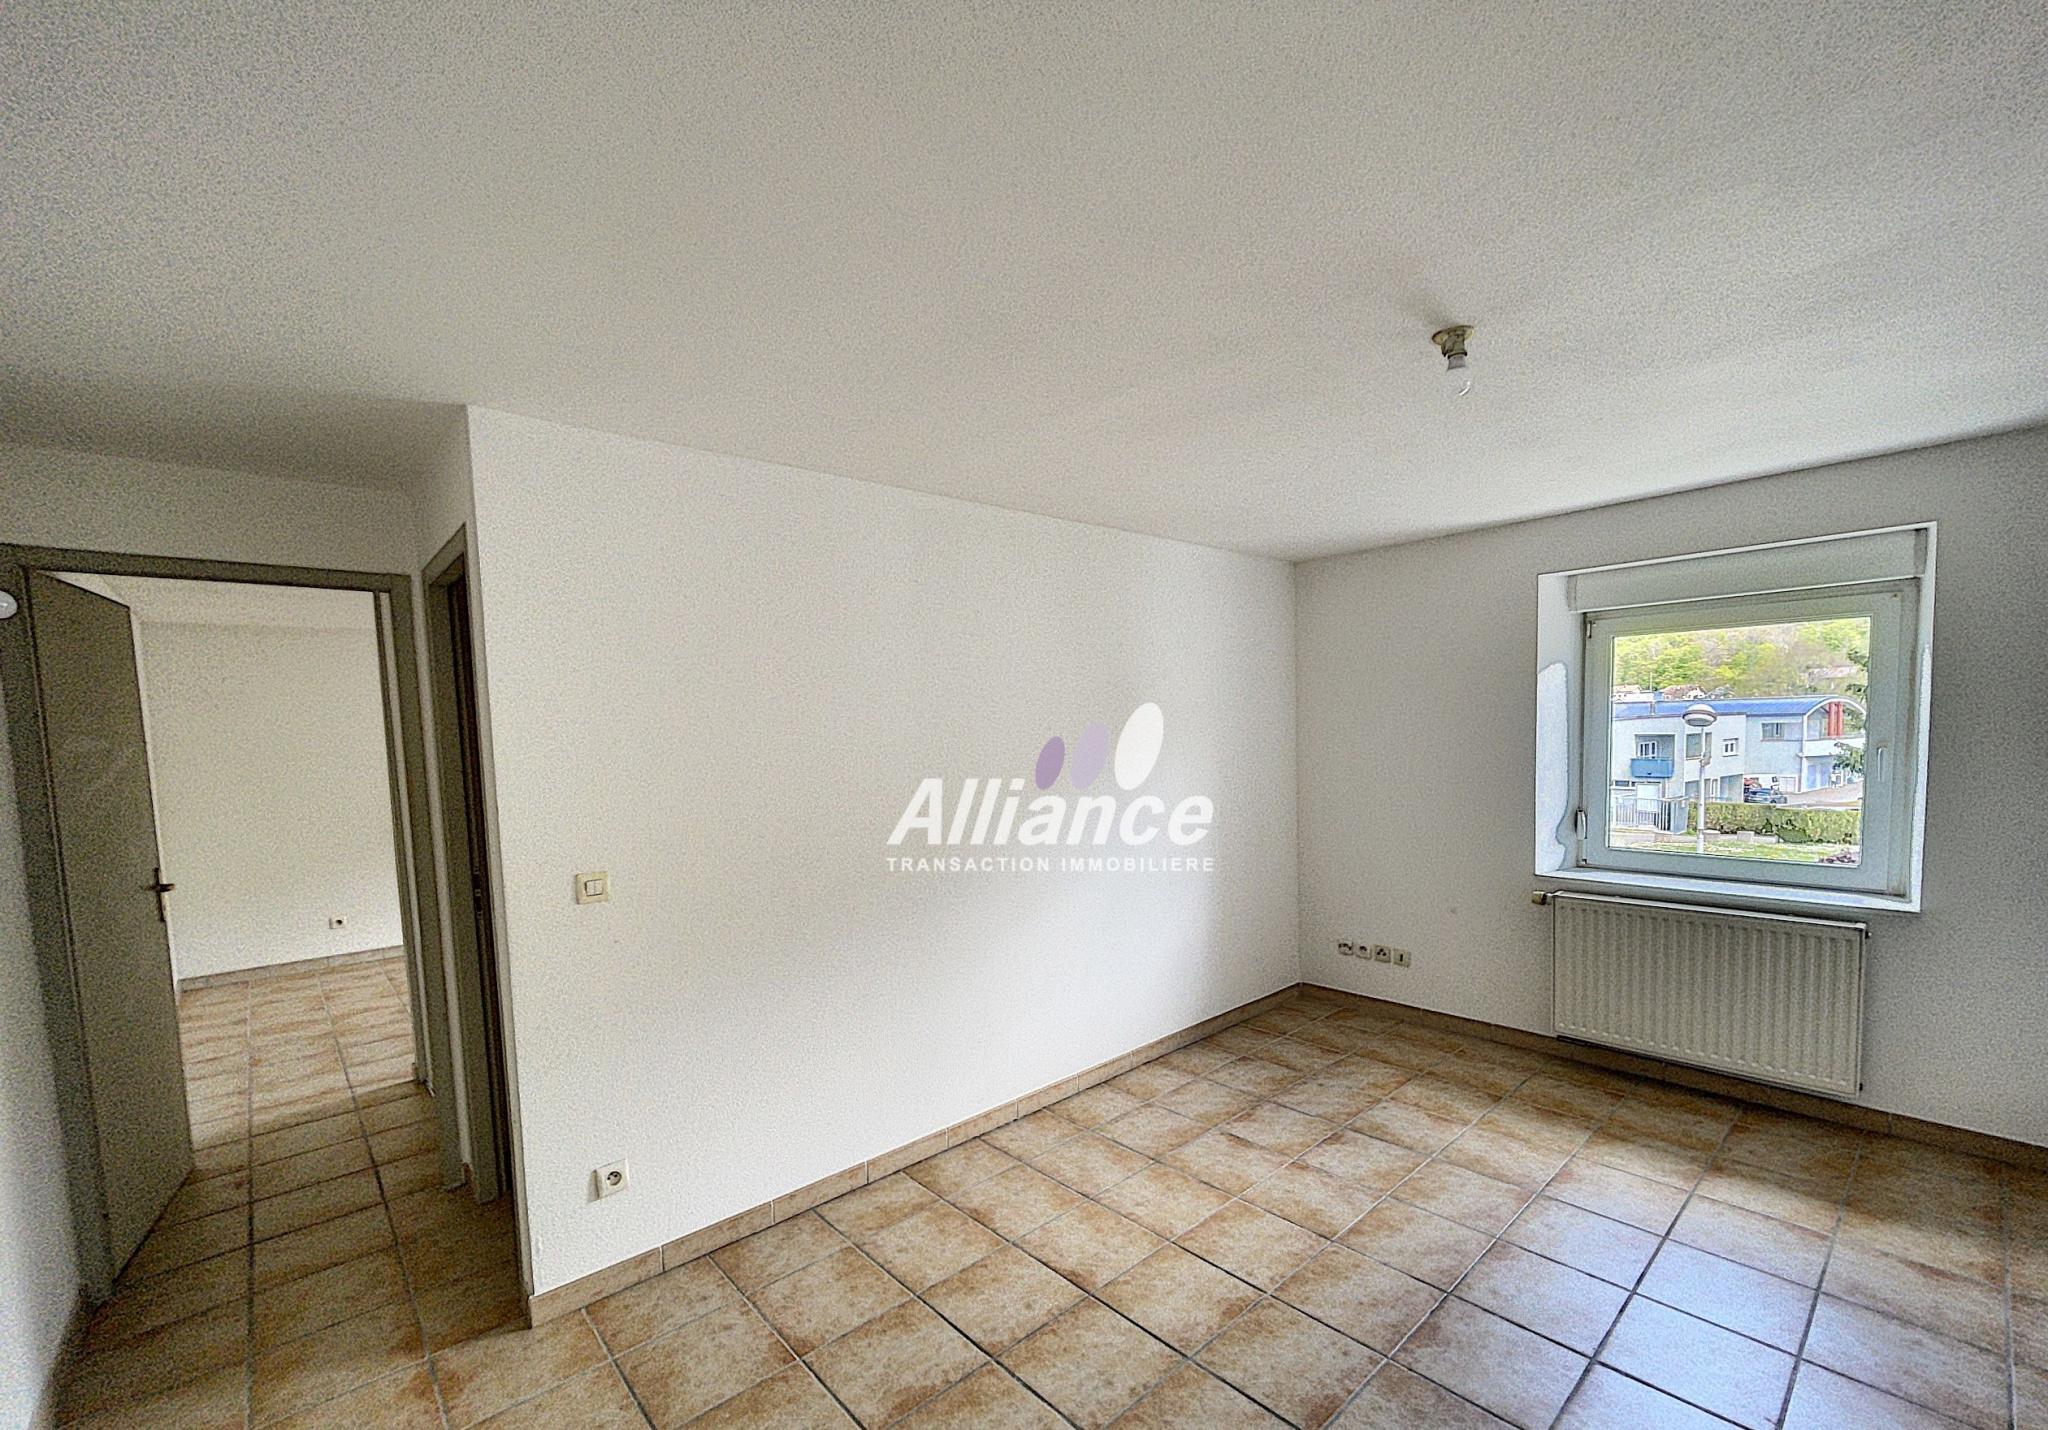 Exclusivités - Alliance Immobilier